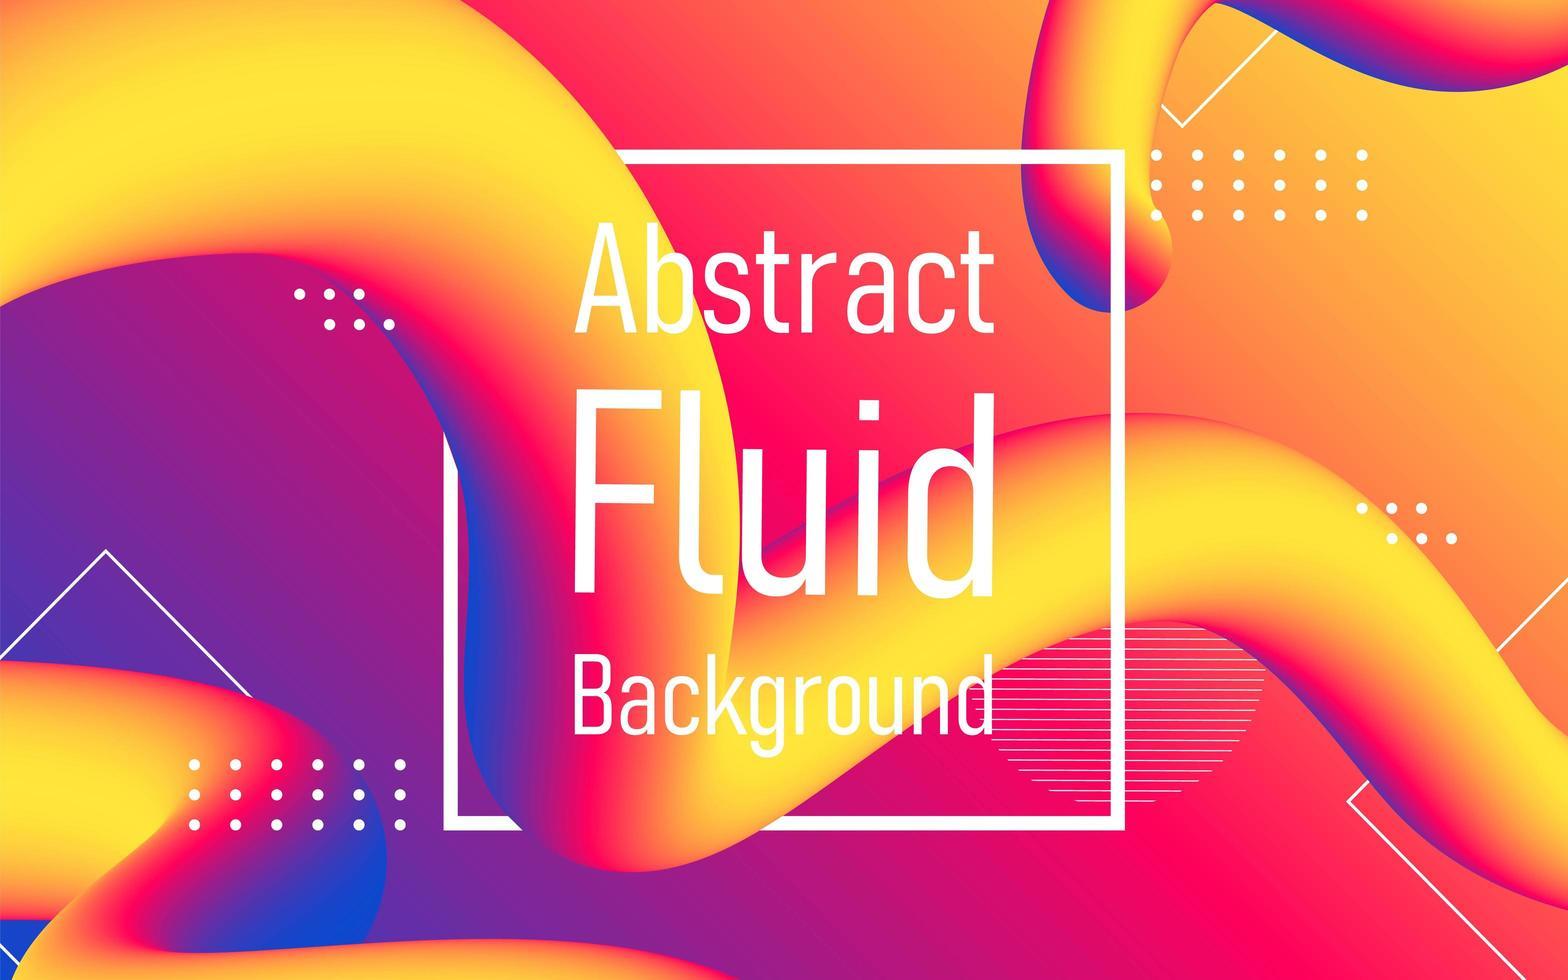 fließender abstrakter Fluss mit Rahmenhintergrund. vektor